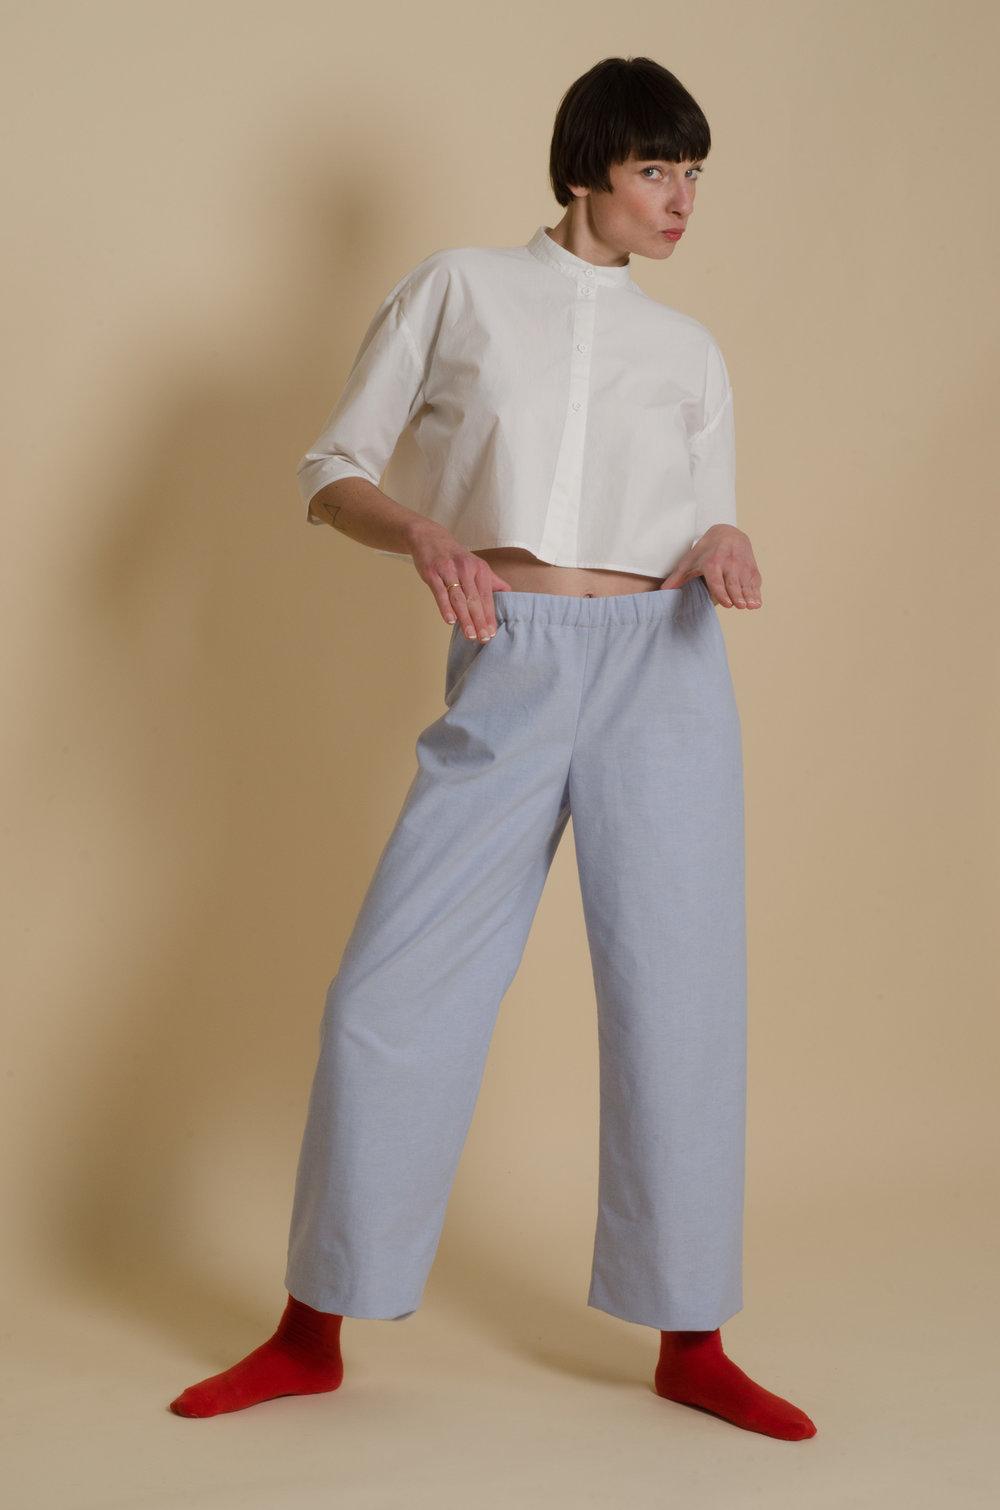 meinwerk diy schnittmuster & anleitung oversized shirtdress, easy culotte, nähanleitung, hemdkleid nähen, hemdkleid schnitt, bluse nähen, blusen schnittmuster, weites hemdkleid selber nähen, weite bluse, weites blusenkleid, oversized bluse, tunika schnitt, diy design, hemdstoff, blusenstoff, handmade shirt, diy berlin, minimalistisch, minimalism, puristisch, slow fashion, nachhaltig, skandinavisch, pyjamahose, marlenehose, culottes, baumwollhose, hosenschnitt damen